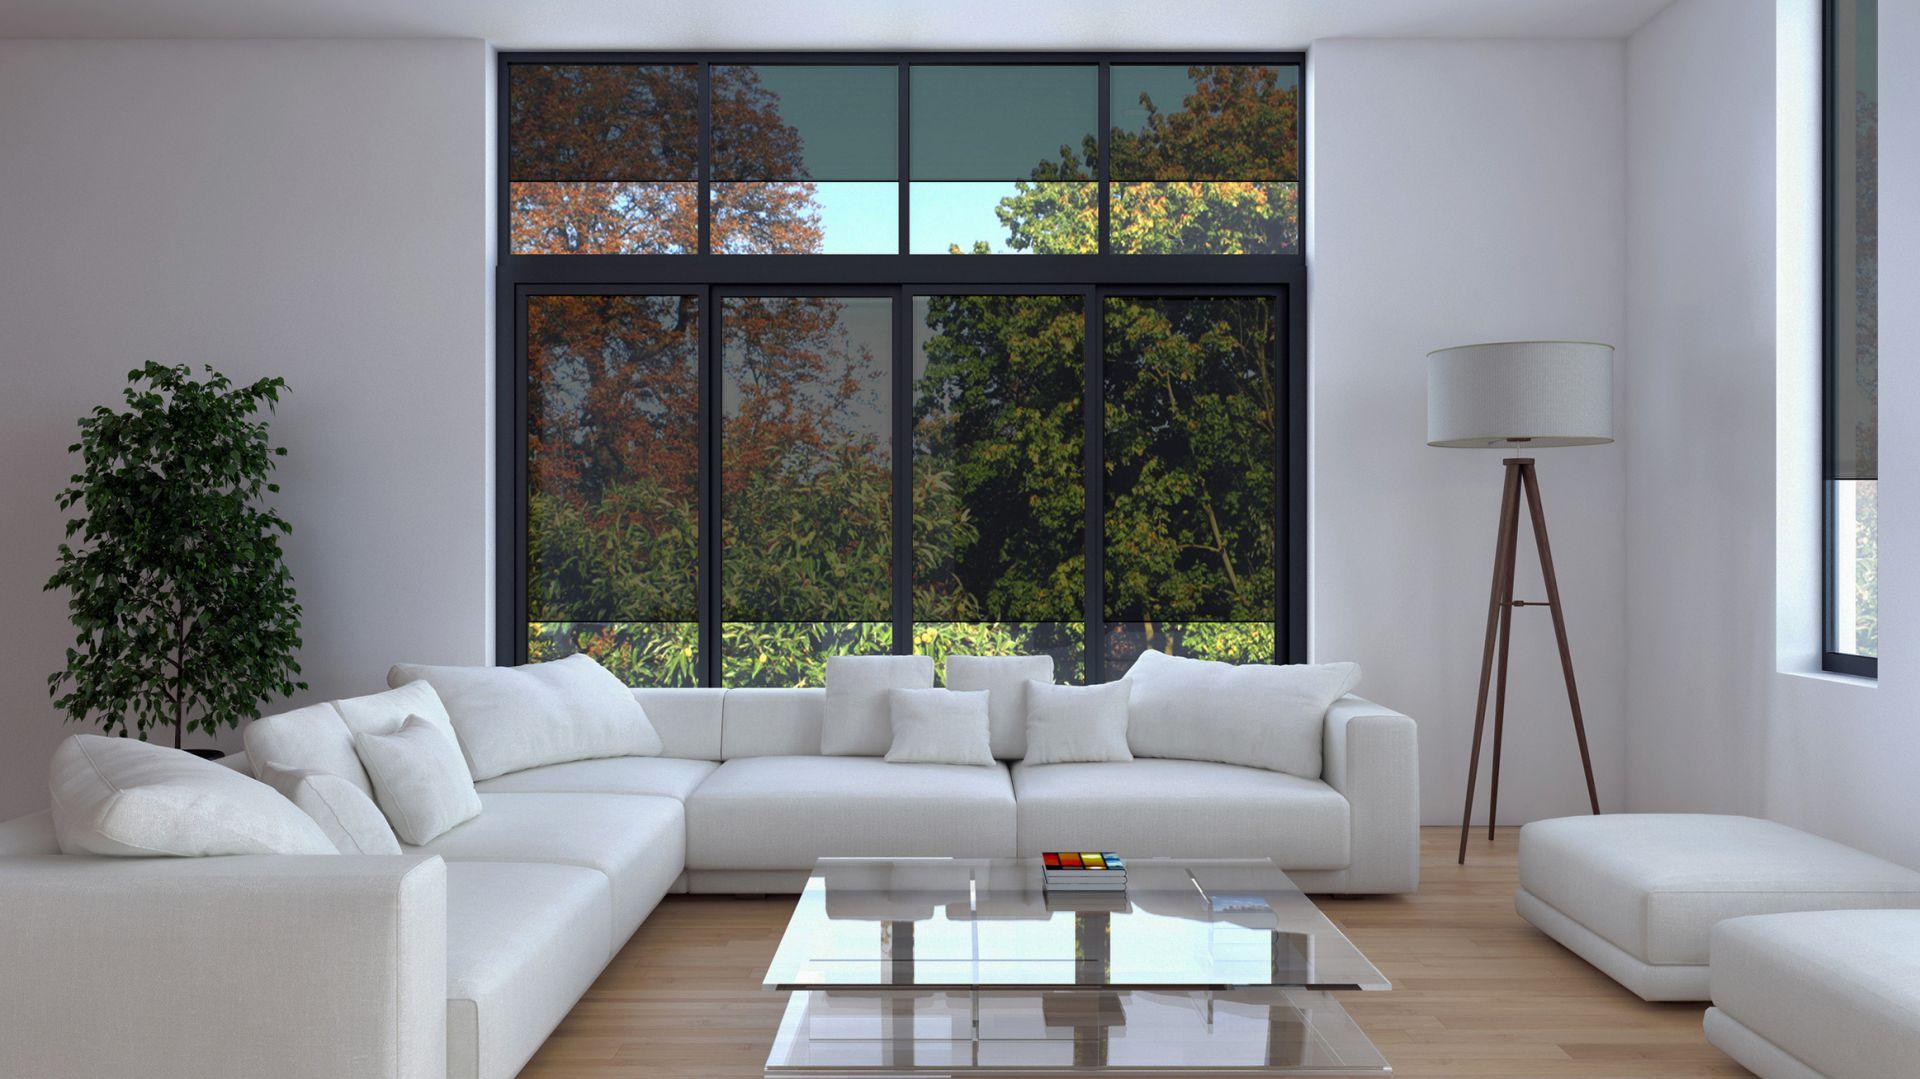 Inteligentne przesłony okienne. Fot. Schüco